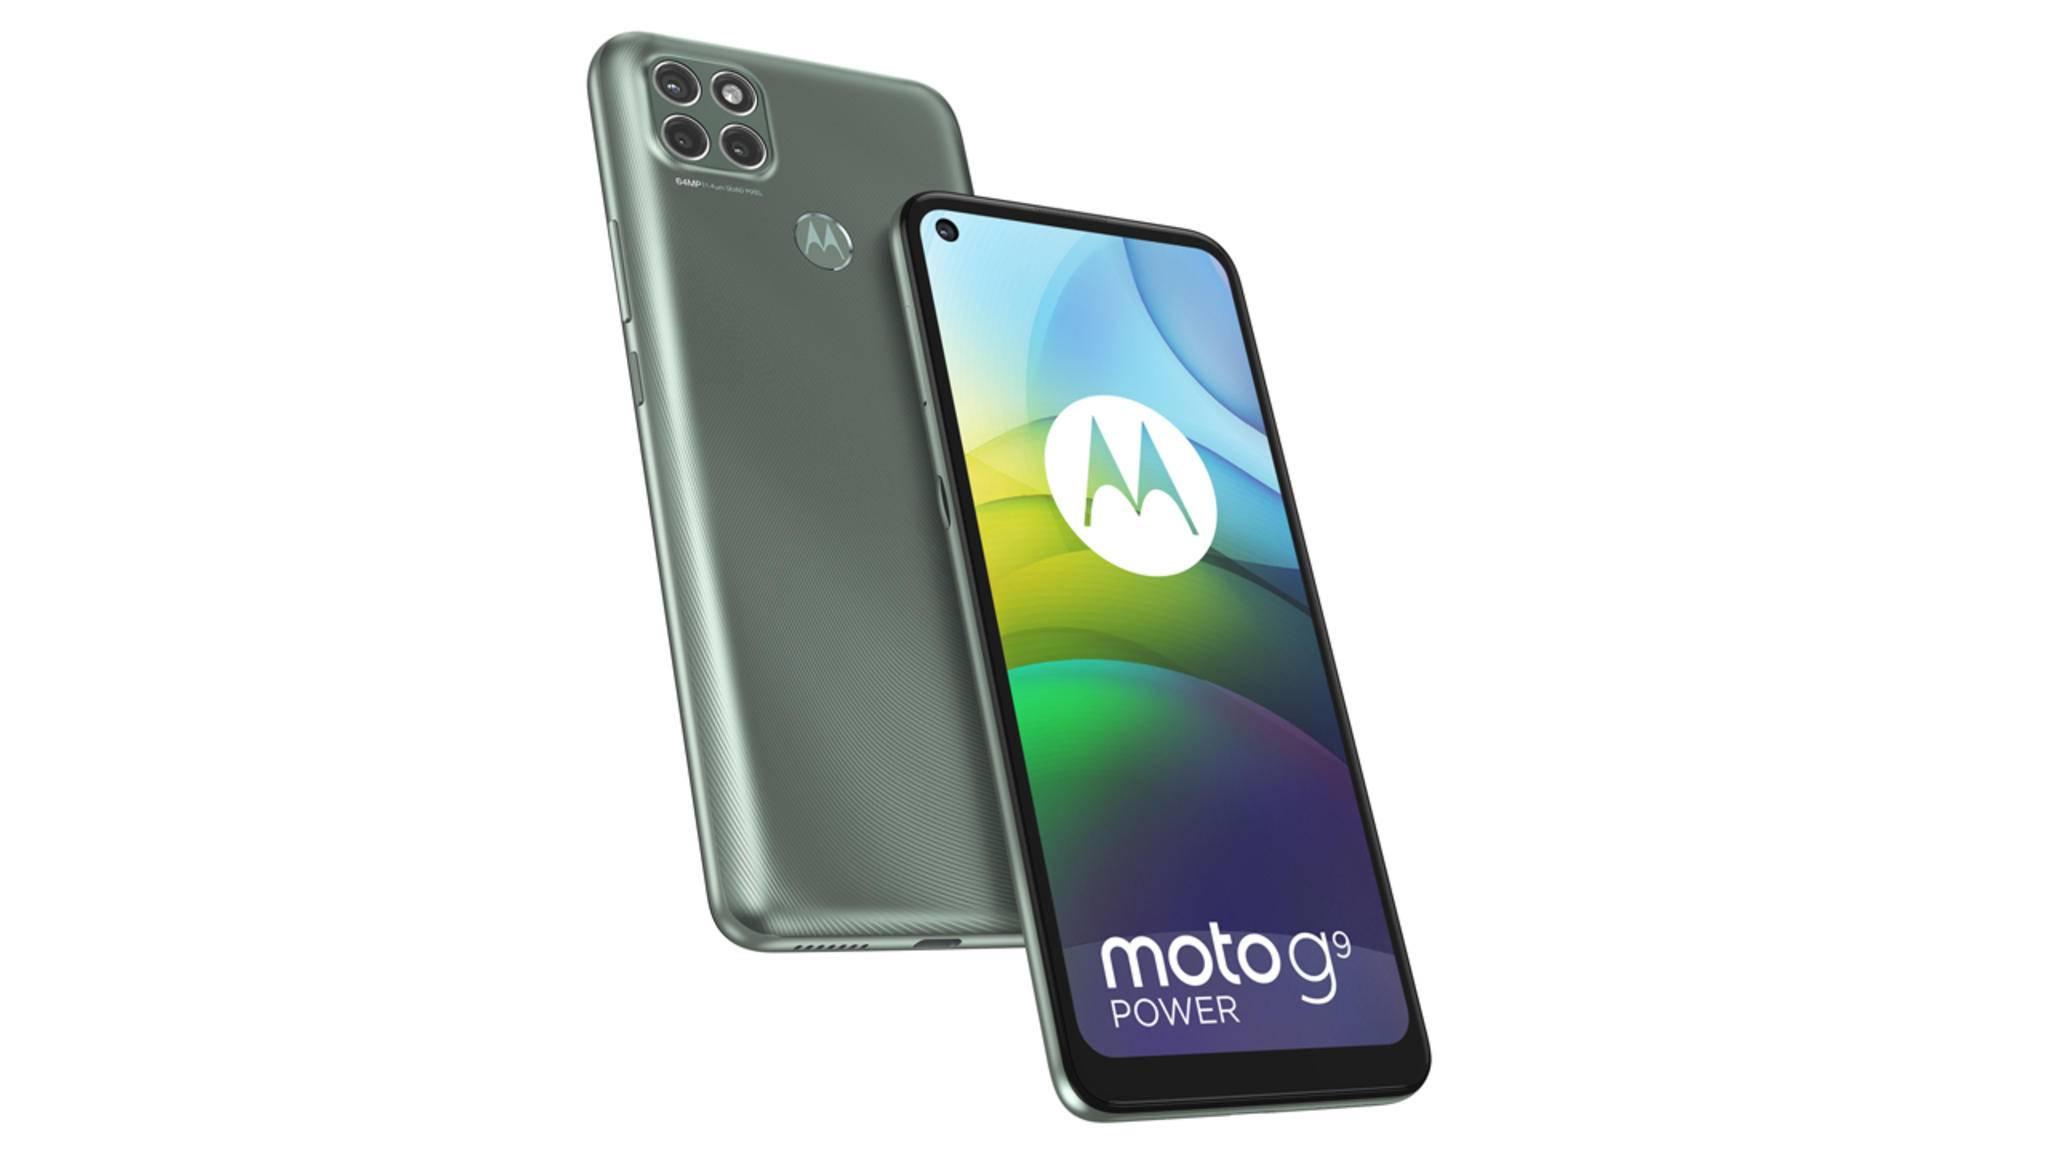 Der Name des Moto G9 Power deutet bereits an, wo die Stärke des Smartphones liegen soll.